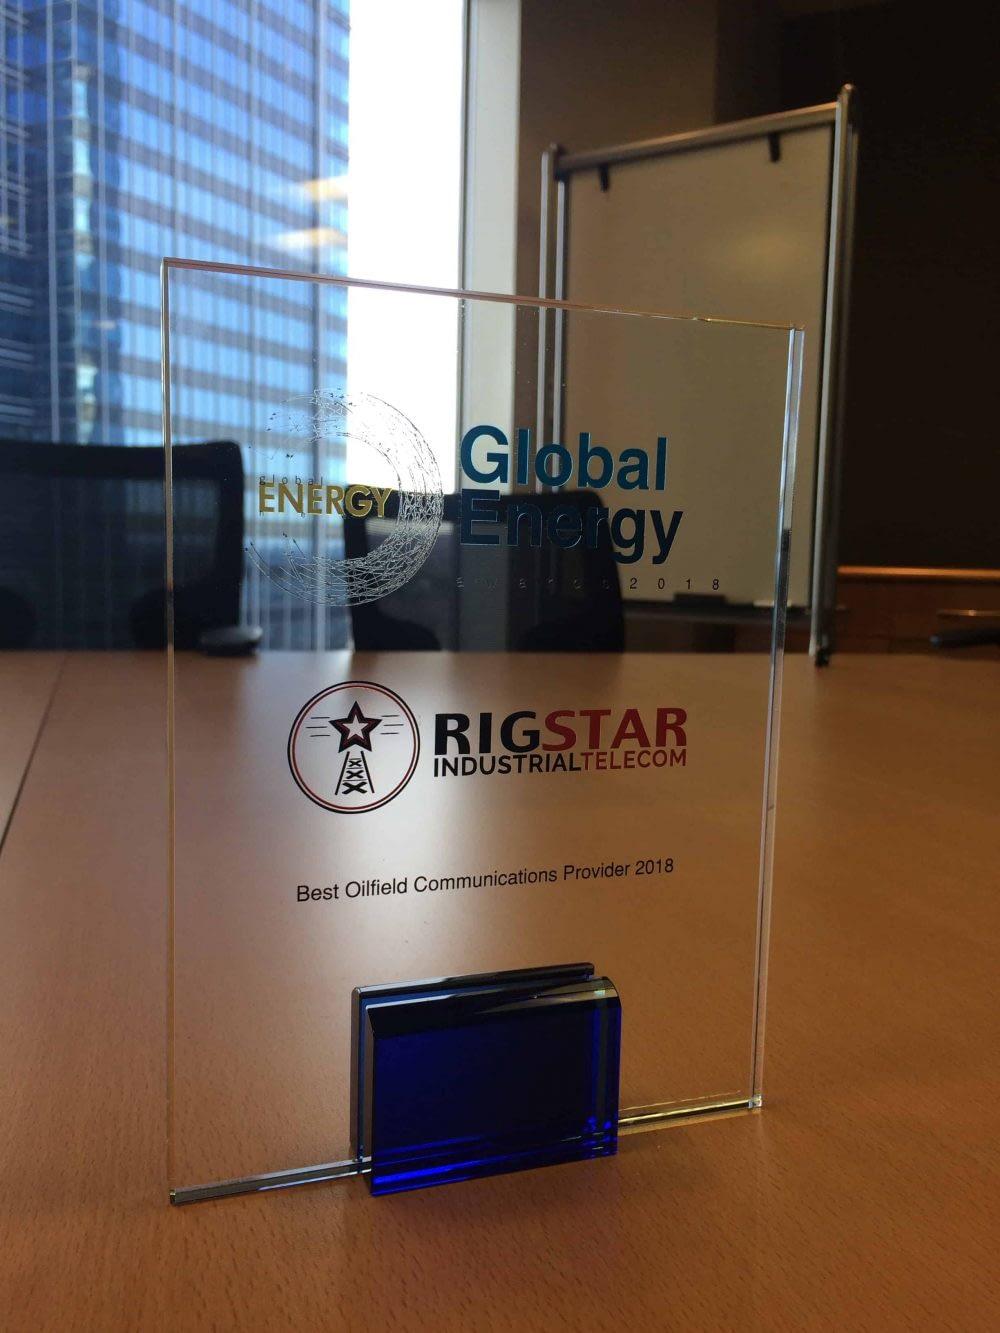 Rigstar_Global-Energy-Award_v1-2-1